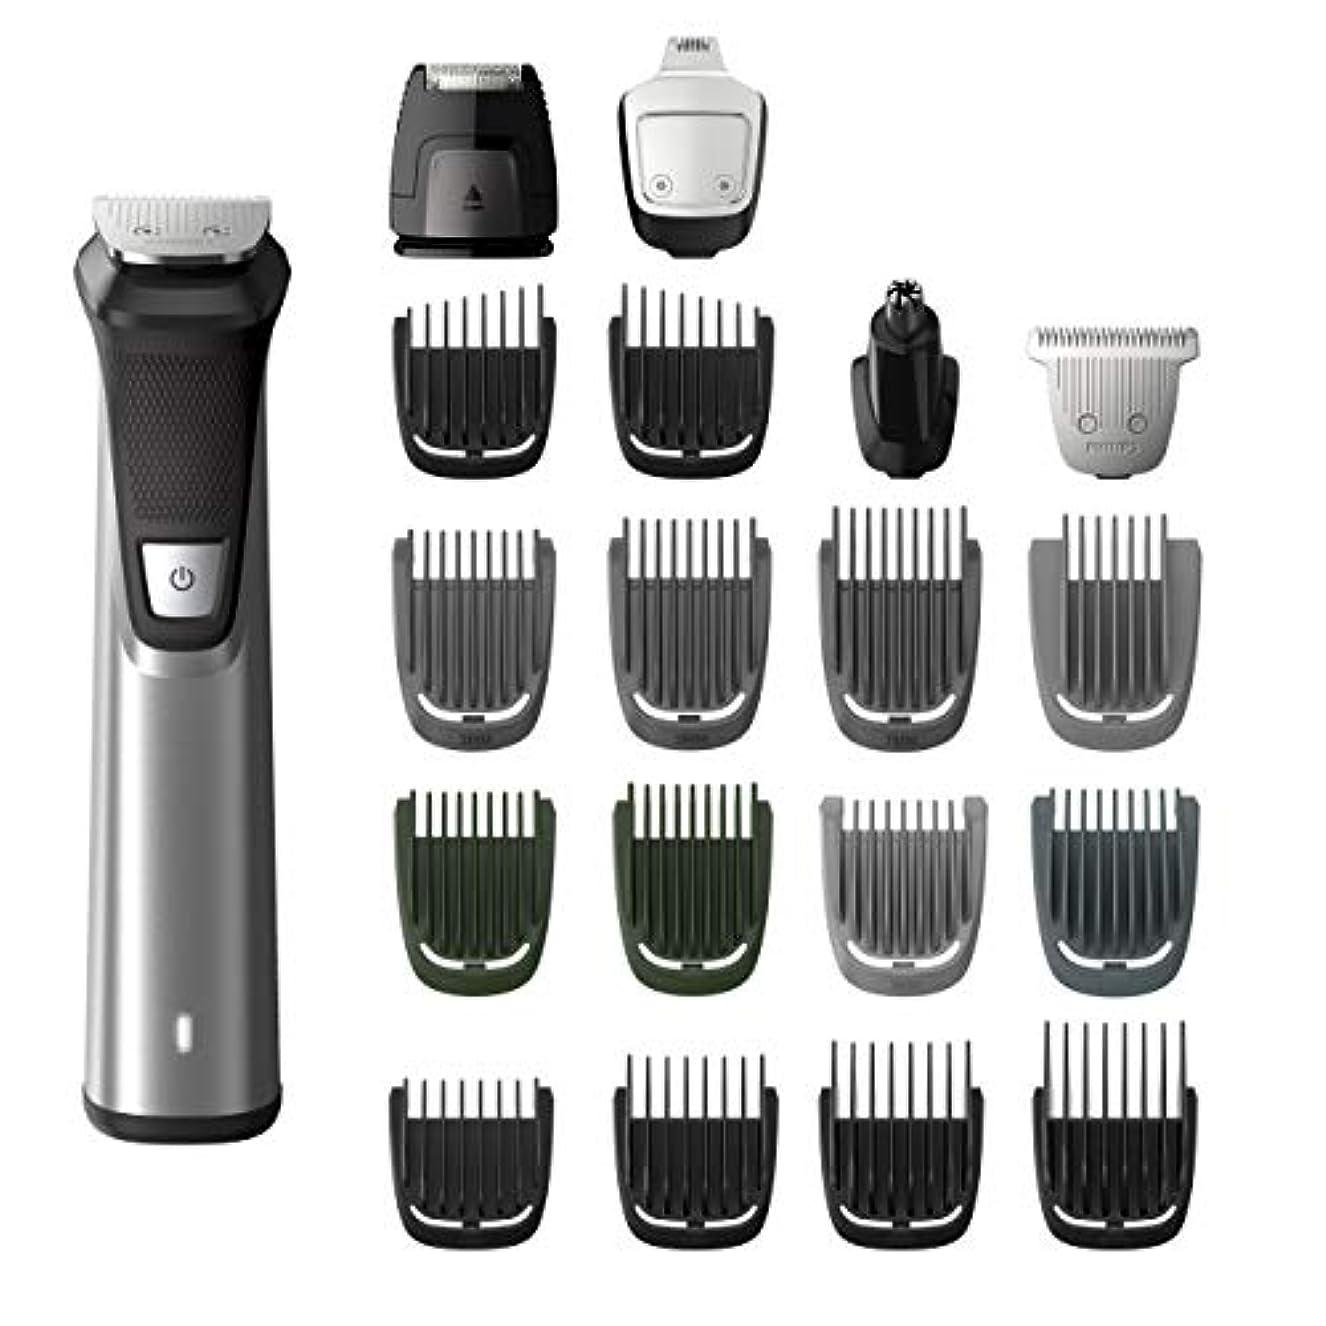 期待して割れ目個人Philips Norelco MG7750/49 Multigroom 7000 Face Styler and Grooming Kit, 23 Trimming Pieces, DualCut Technology, Fully Washable, Reinforced Guards, Rechargeable Battery, Stainless Steel Design 141[並行輸入]